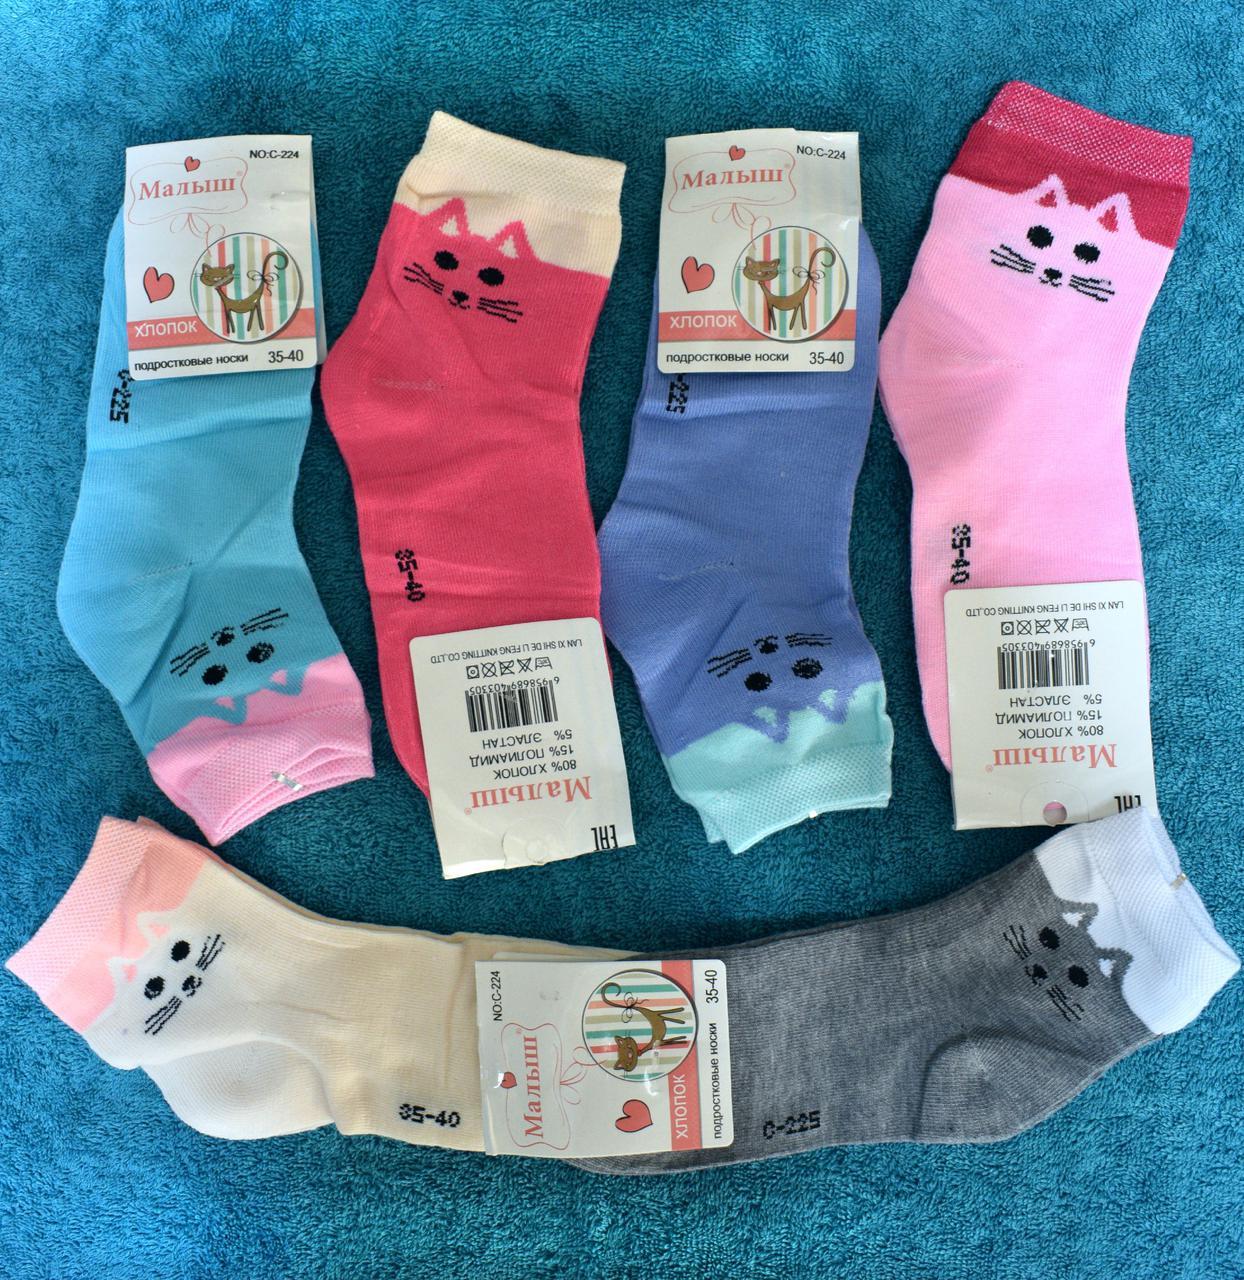 Детские короткие носочки на девочку Малыш С225 35-40. В упаковке 12 па